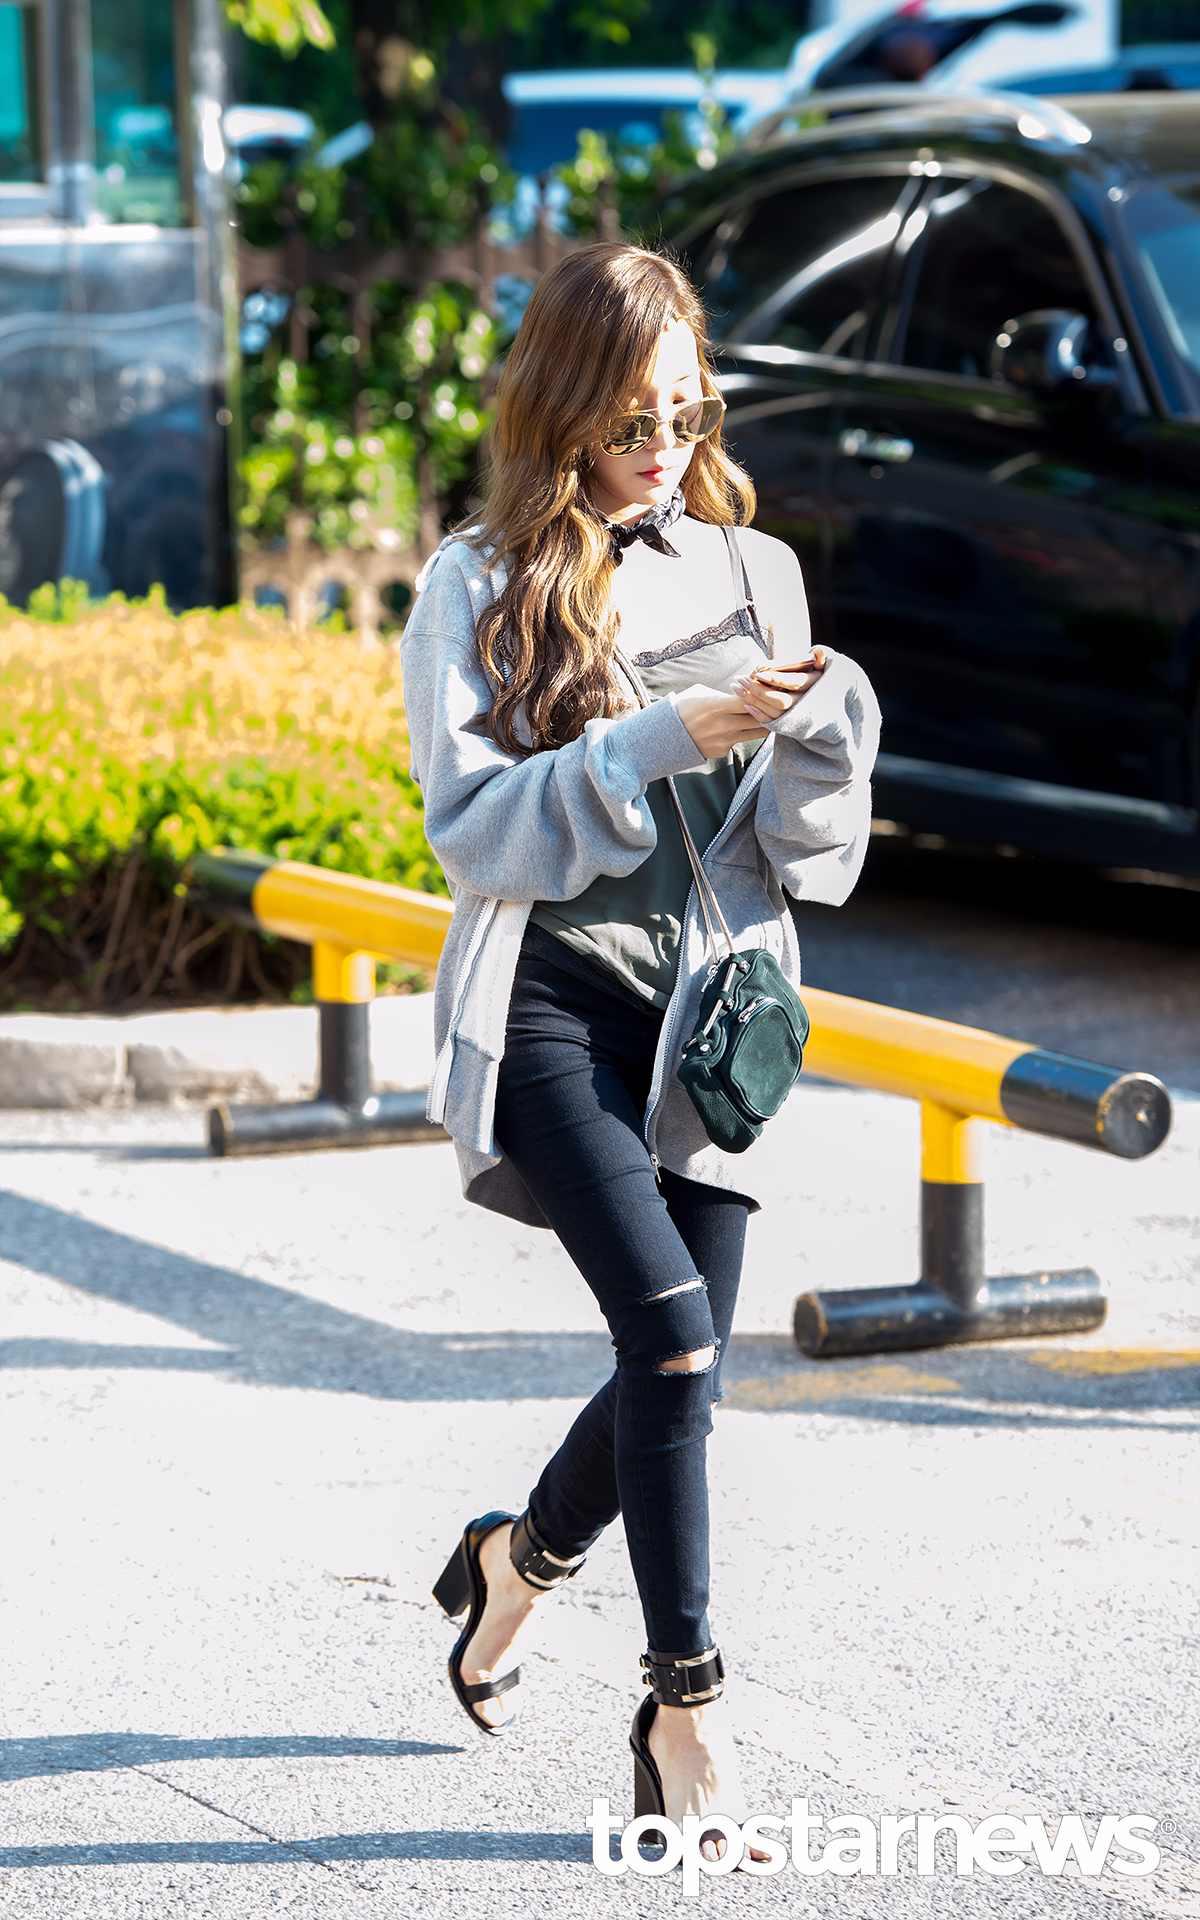 不同於雪炫的簡單風,Tiffany 在最新上班路上穿的這雙瑪莉珍就很個性,再搭配同樣個性的破洞單寧褲,蕾絲邊邊的吊帶衫,但這絕對不是一般人能駕馭的混搭風,不過Tiffany 真的很喜歡露肩裝。